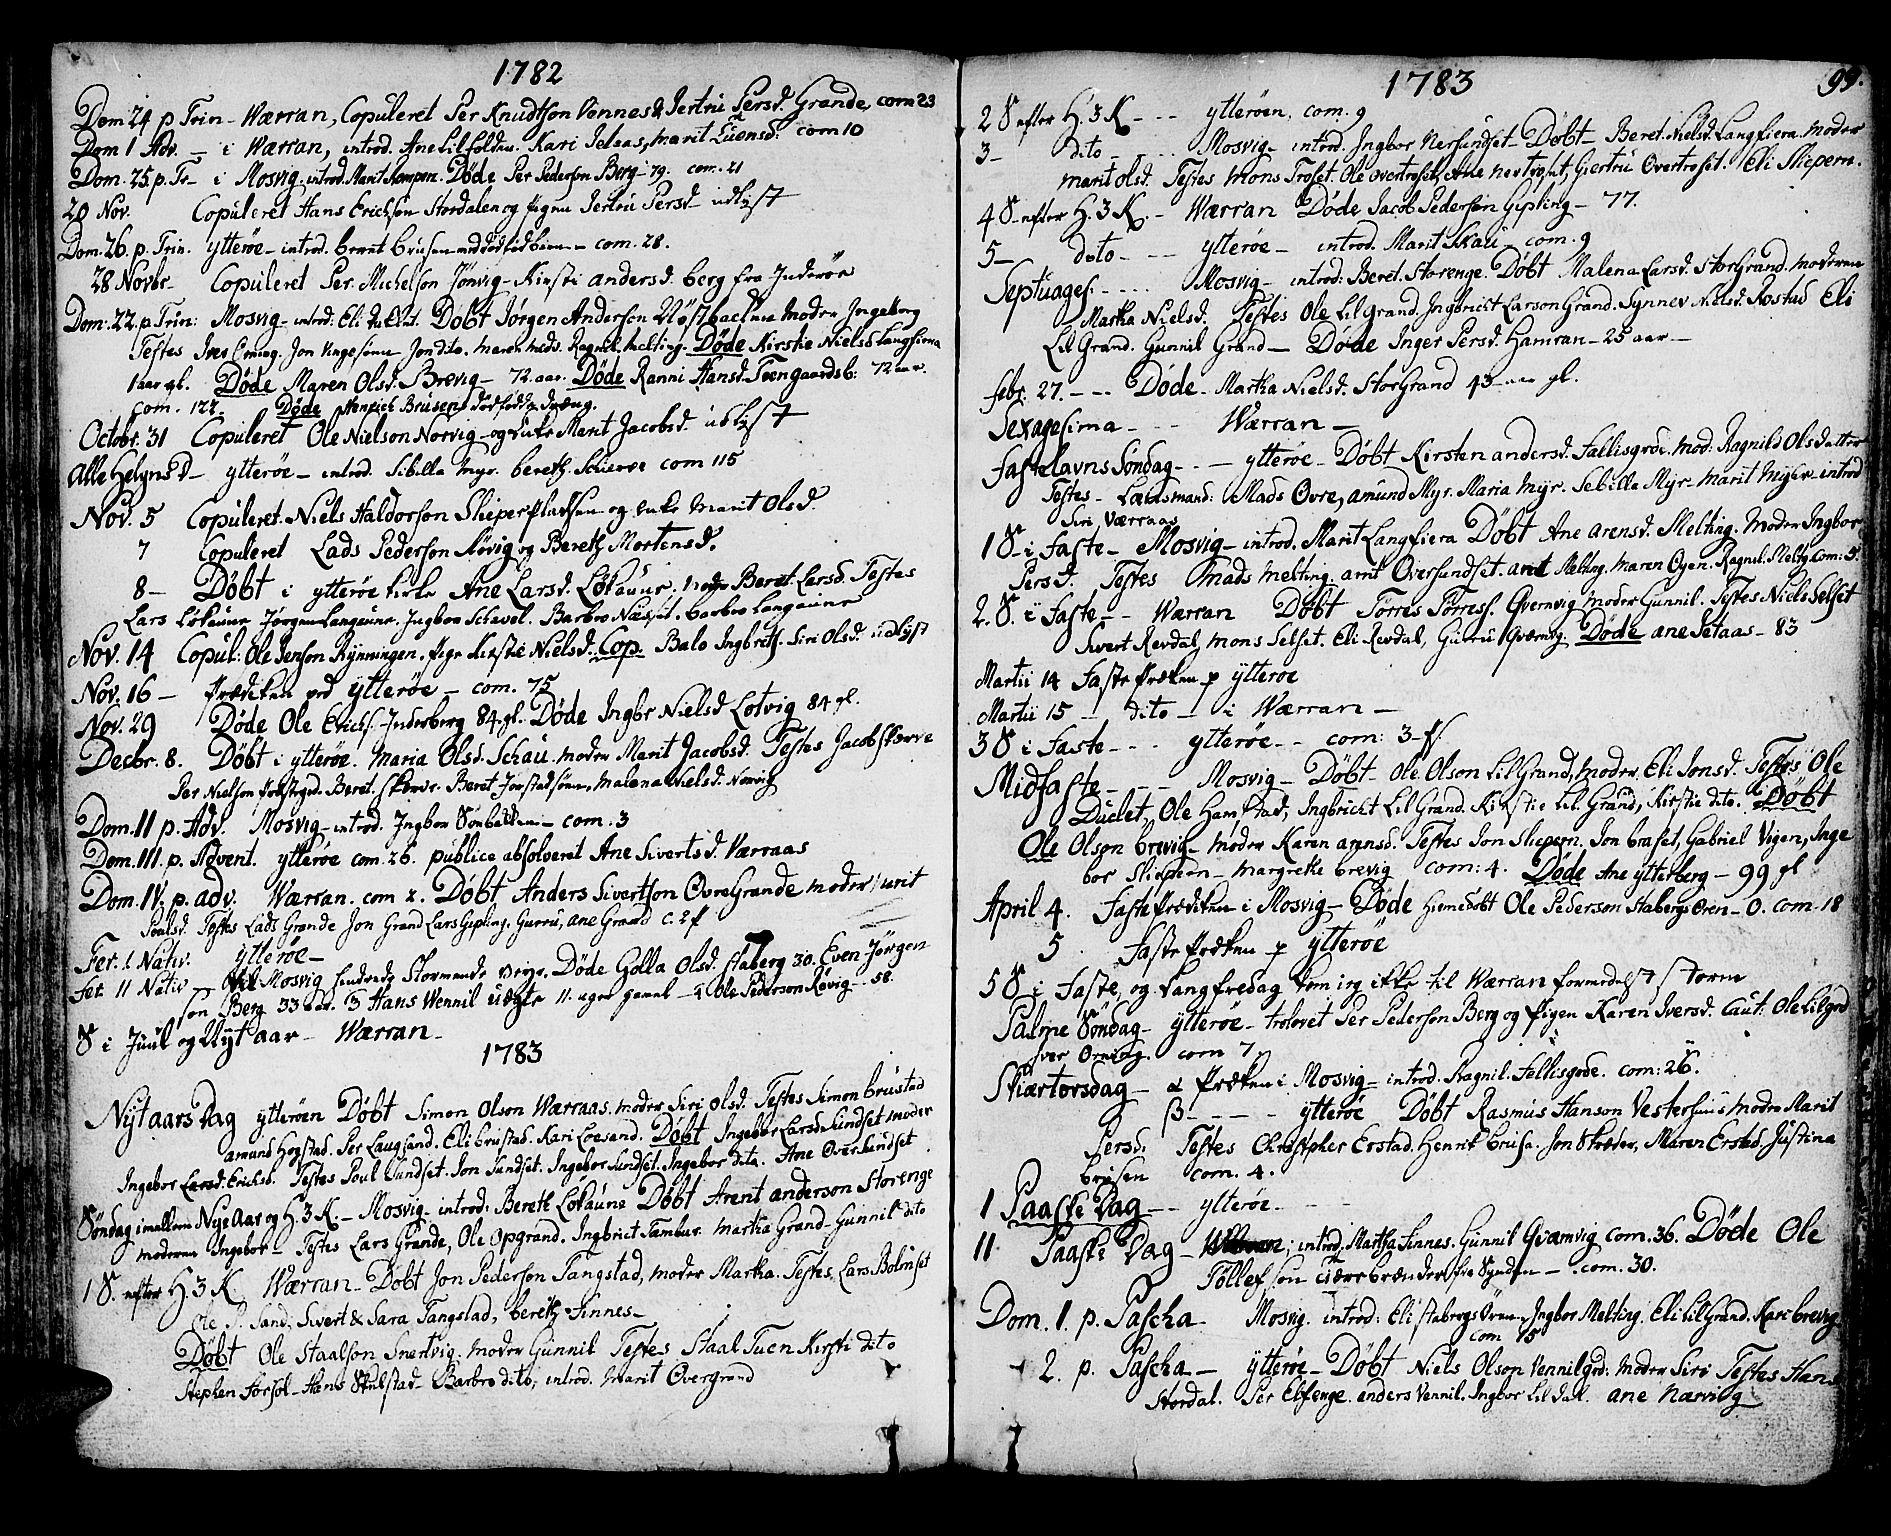 SAT, Ministerialprotokoller, klokkerbøker og fødselsregistre - Nord-Trøndelag, 722/L0216: Ministerialbok nr. 722A03, 1756-1816, s. 99